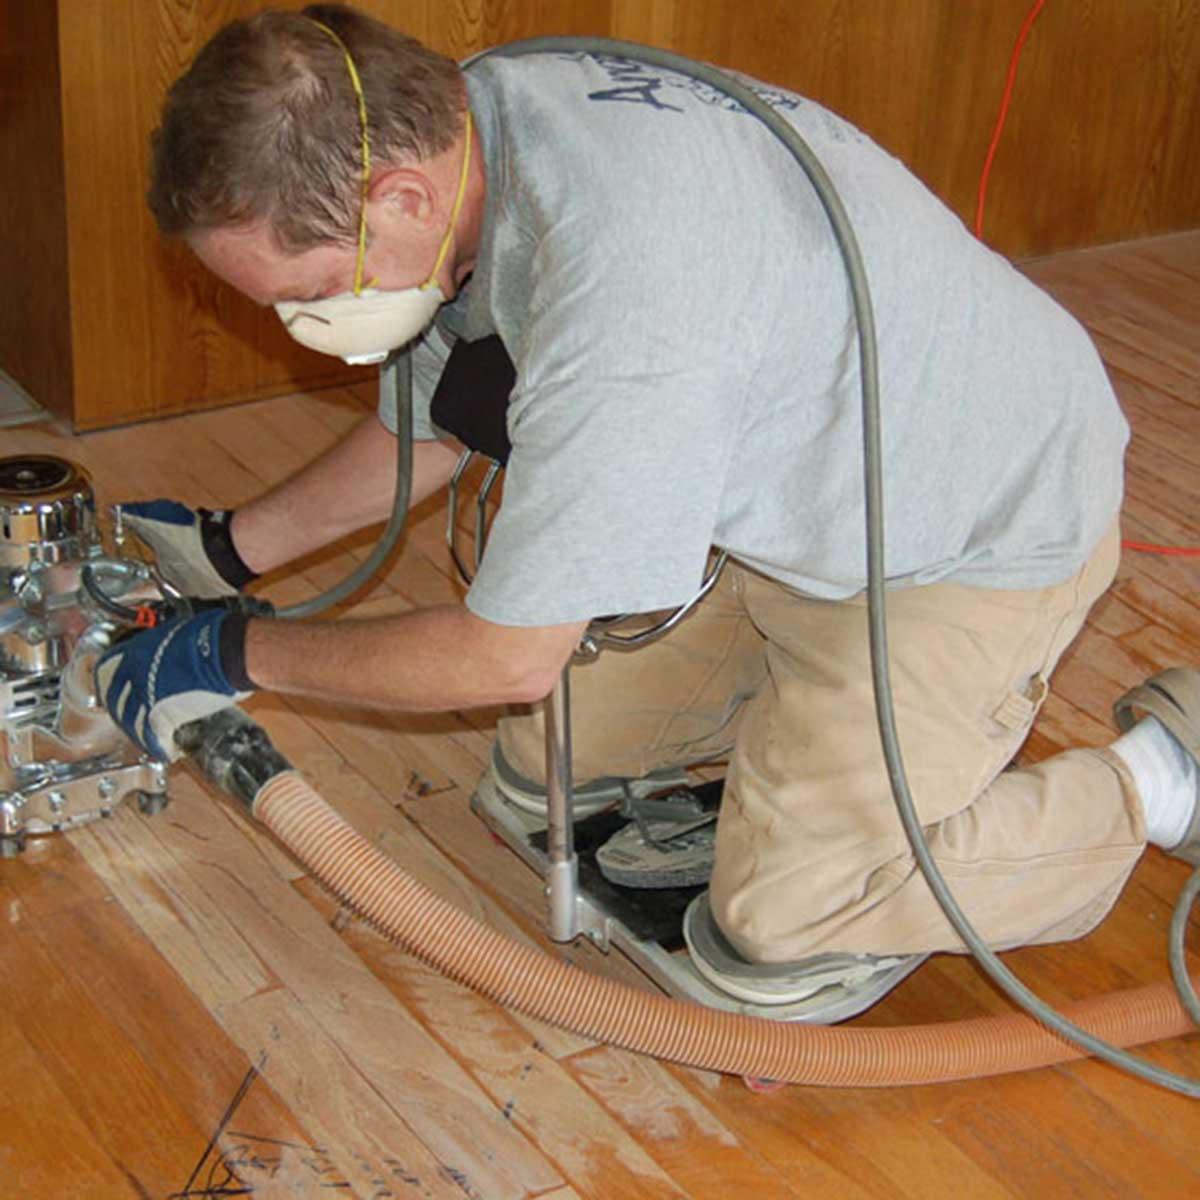 01RAC RAC-A-TAC With wood sanding